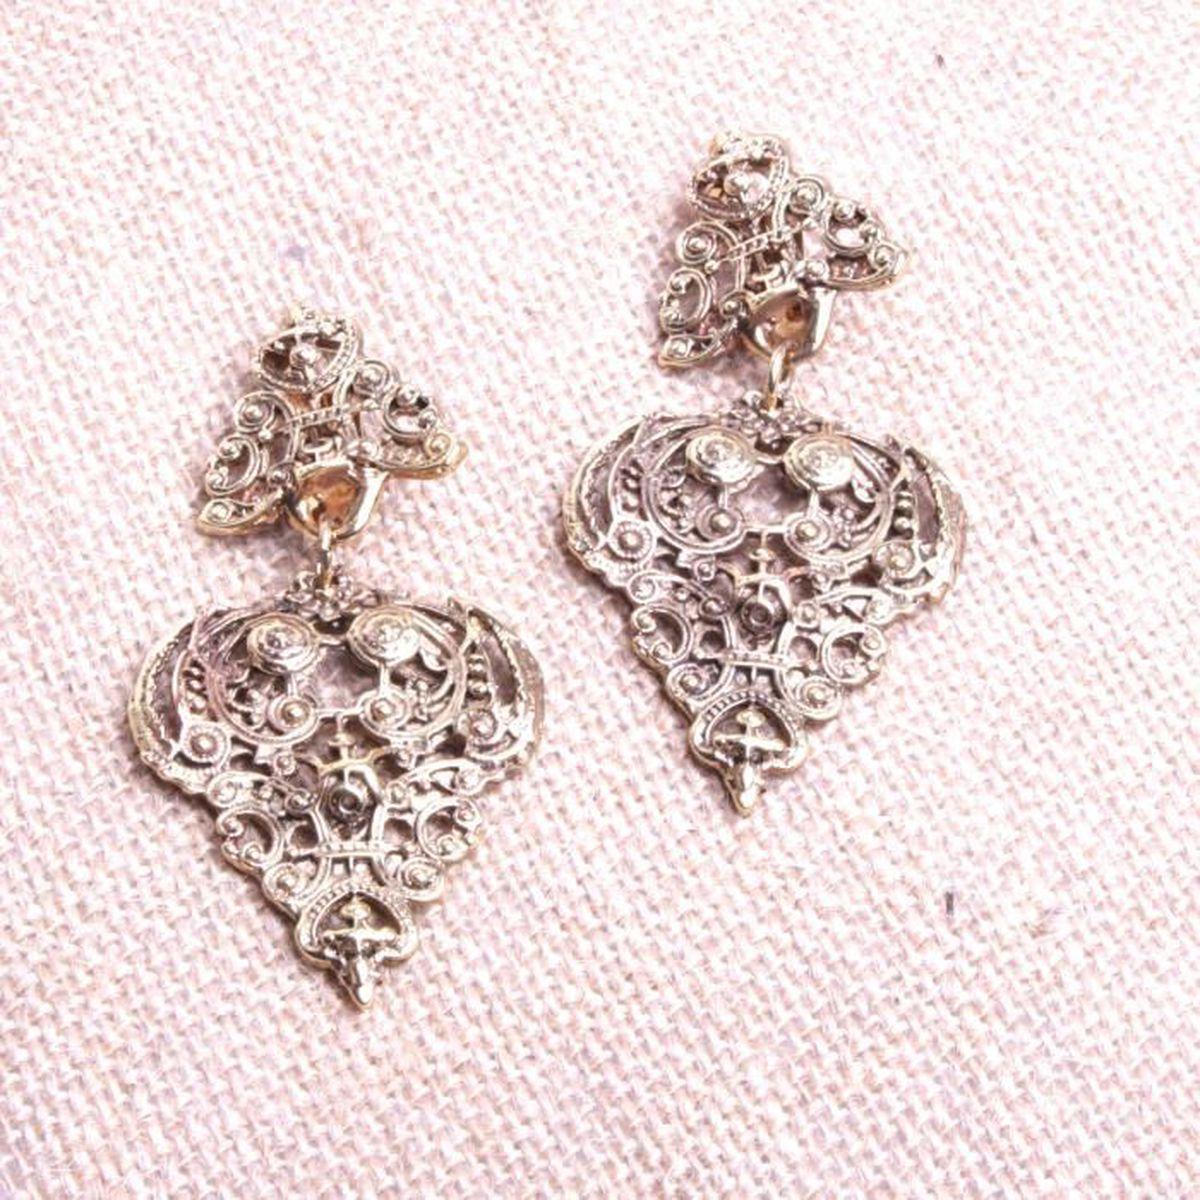 d747a524a32d5 Bijoux femmes boucles d oreilles Fantaisie prix mini à pince ciselé ...